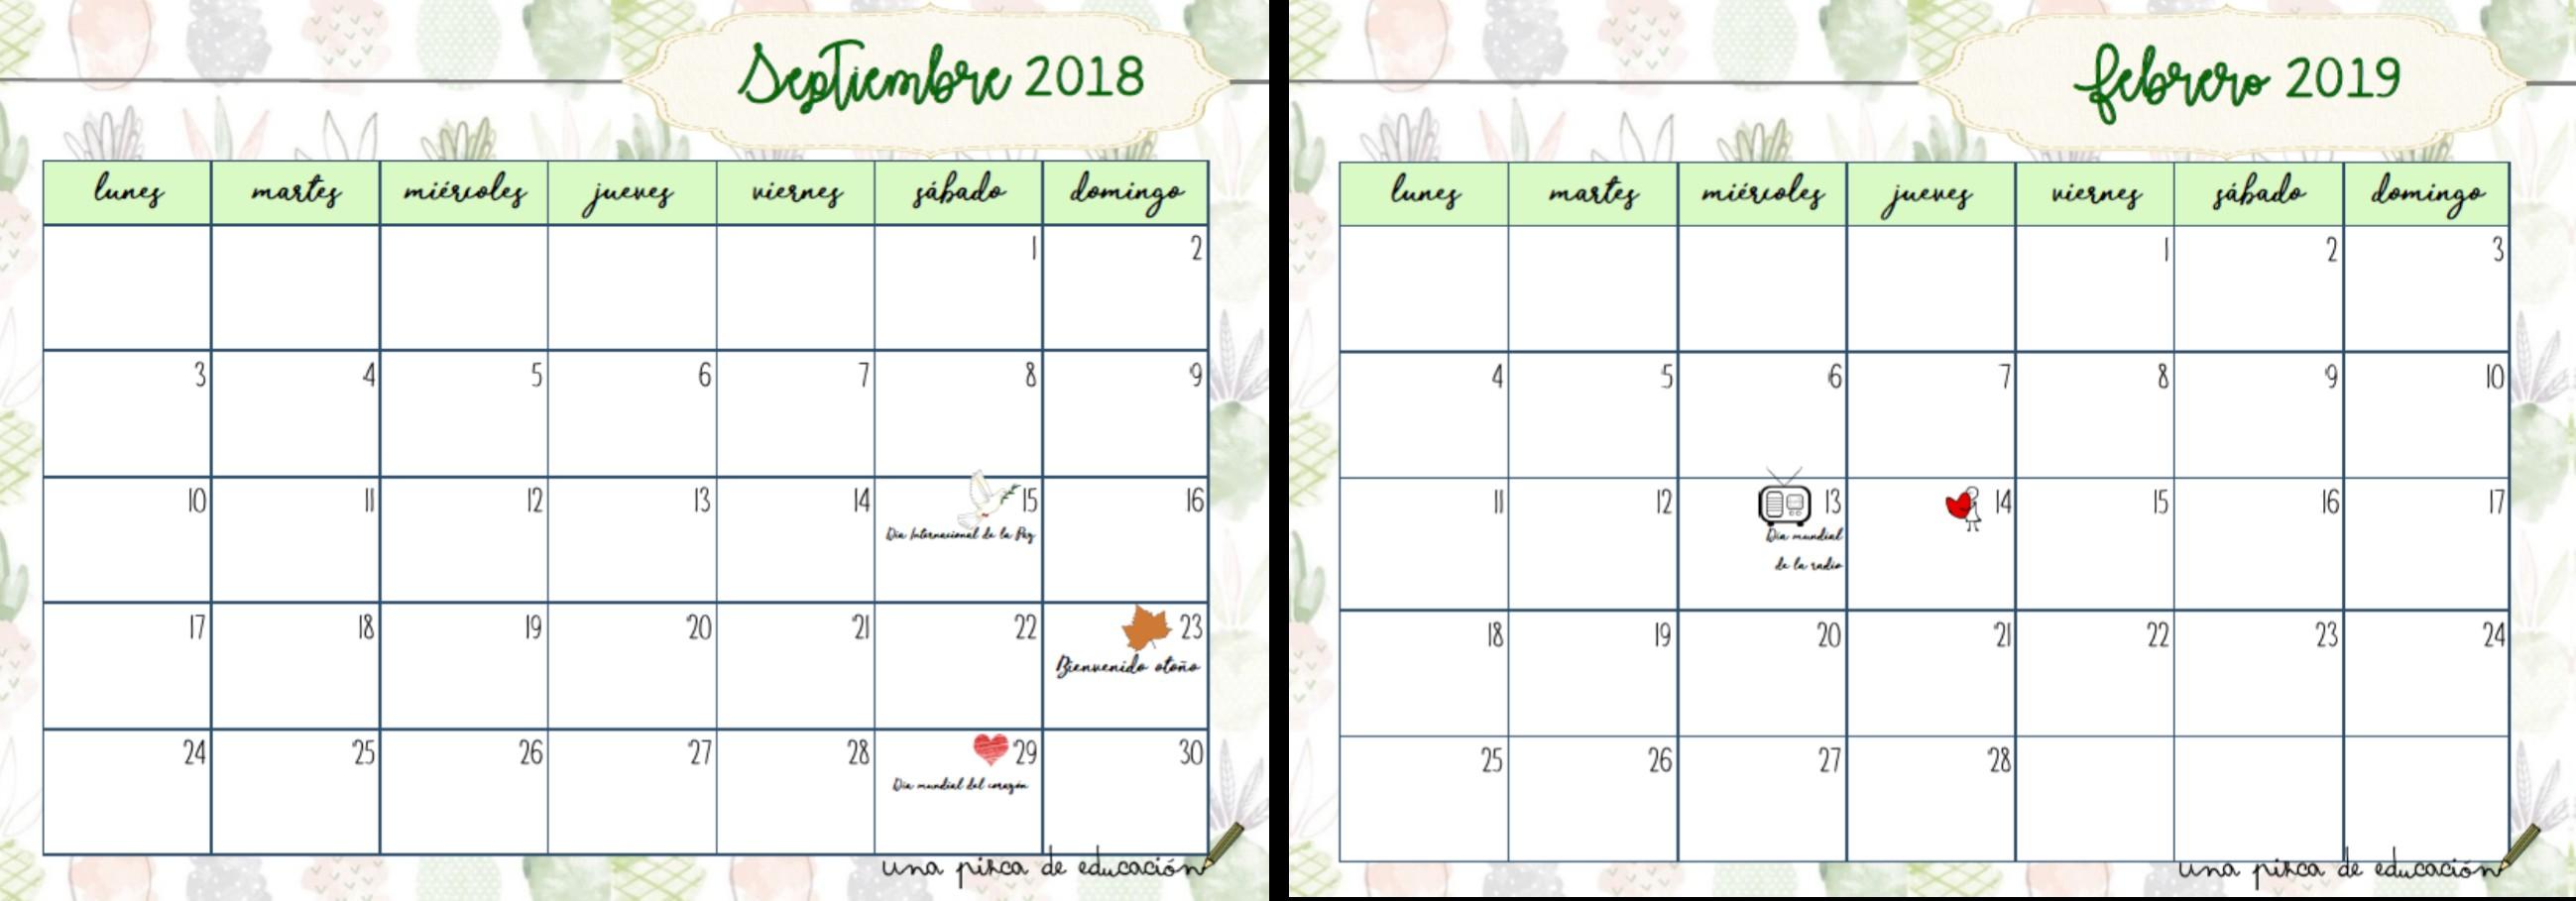 Imprimir Calendario Julio Agosto Y Septiembre 2019 Más Recientes Calendario Para Maestros Una Pizca De Educaci³n Of Imprimir Calendario Julio Agosto Y Septiembre 2019 Más Actual Agip Calendario Mensual